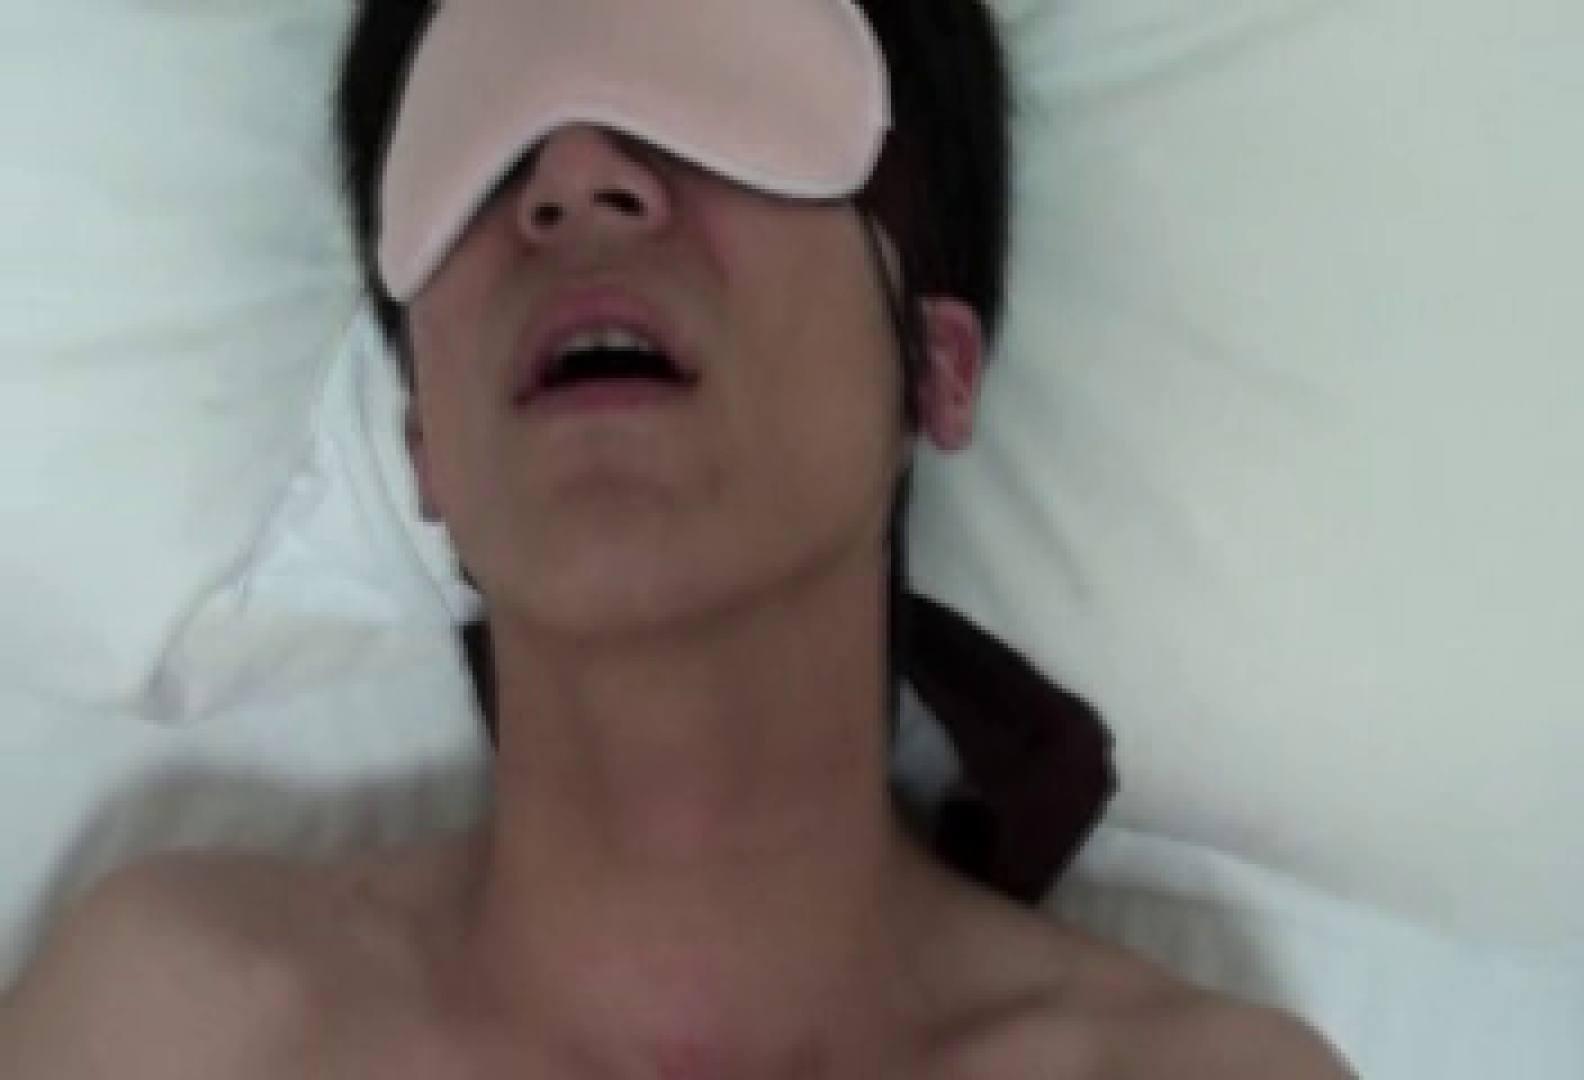 アイマスクでおもいっきり性感帯!!vol.03 オナニー ゲイ丸見え画像 84pic 46